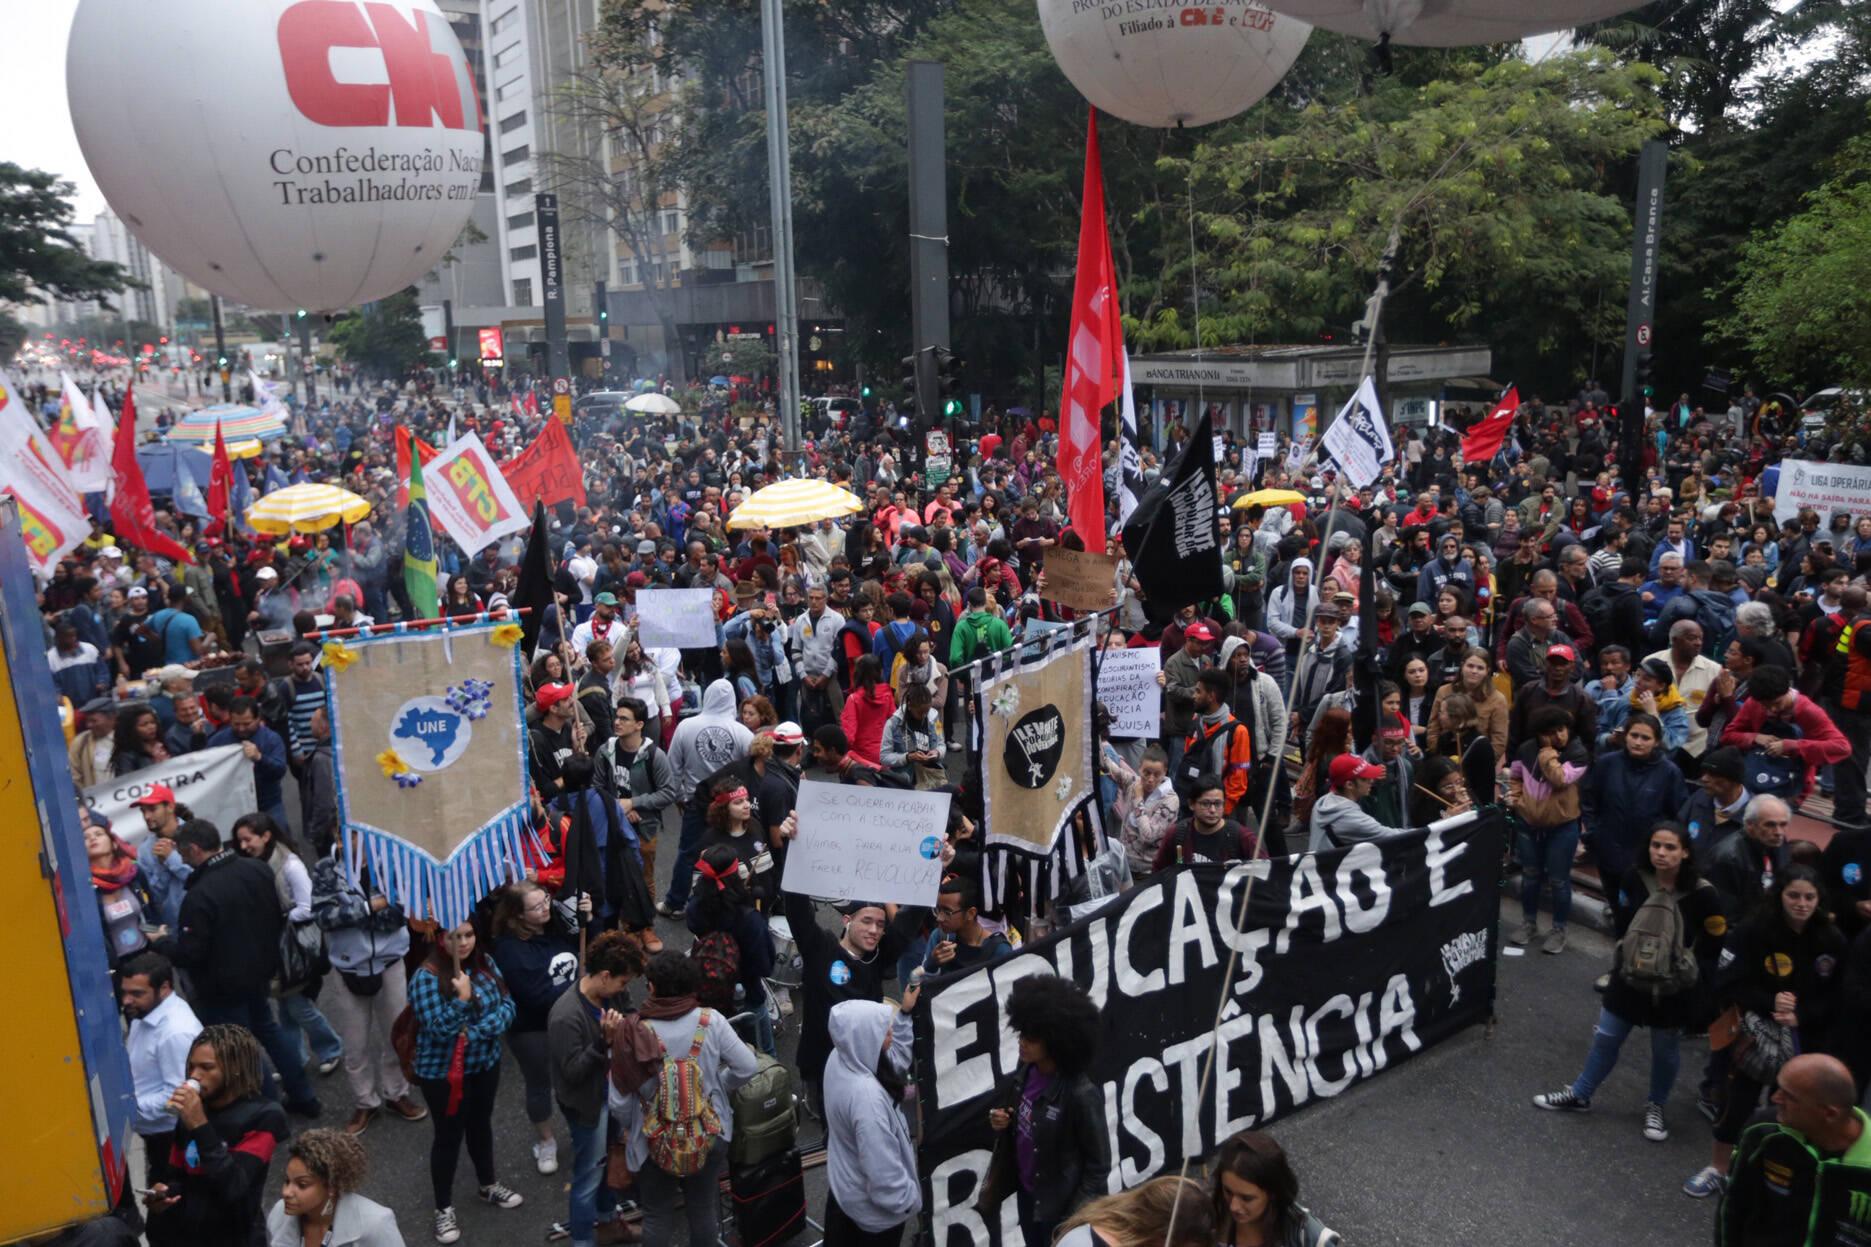 Manifestantes na avenida Paulista,em São Paulo. Foto: Paulo Pinto/Fotos Publicas - 13.8.19